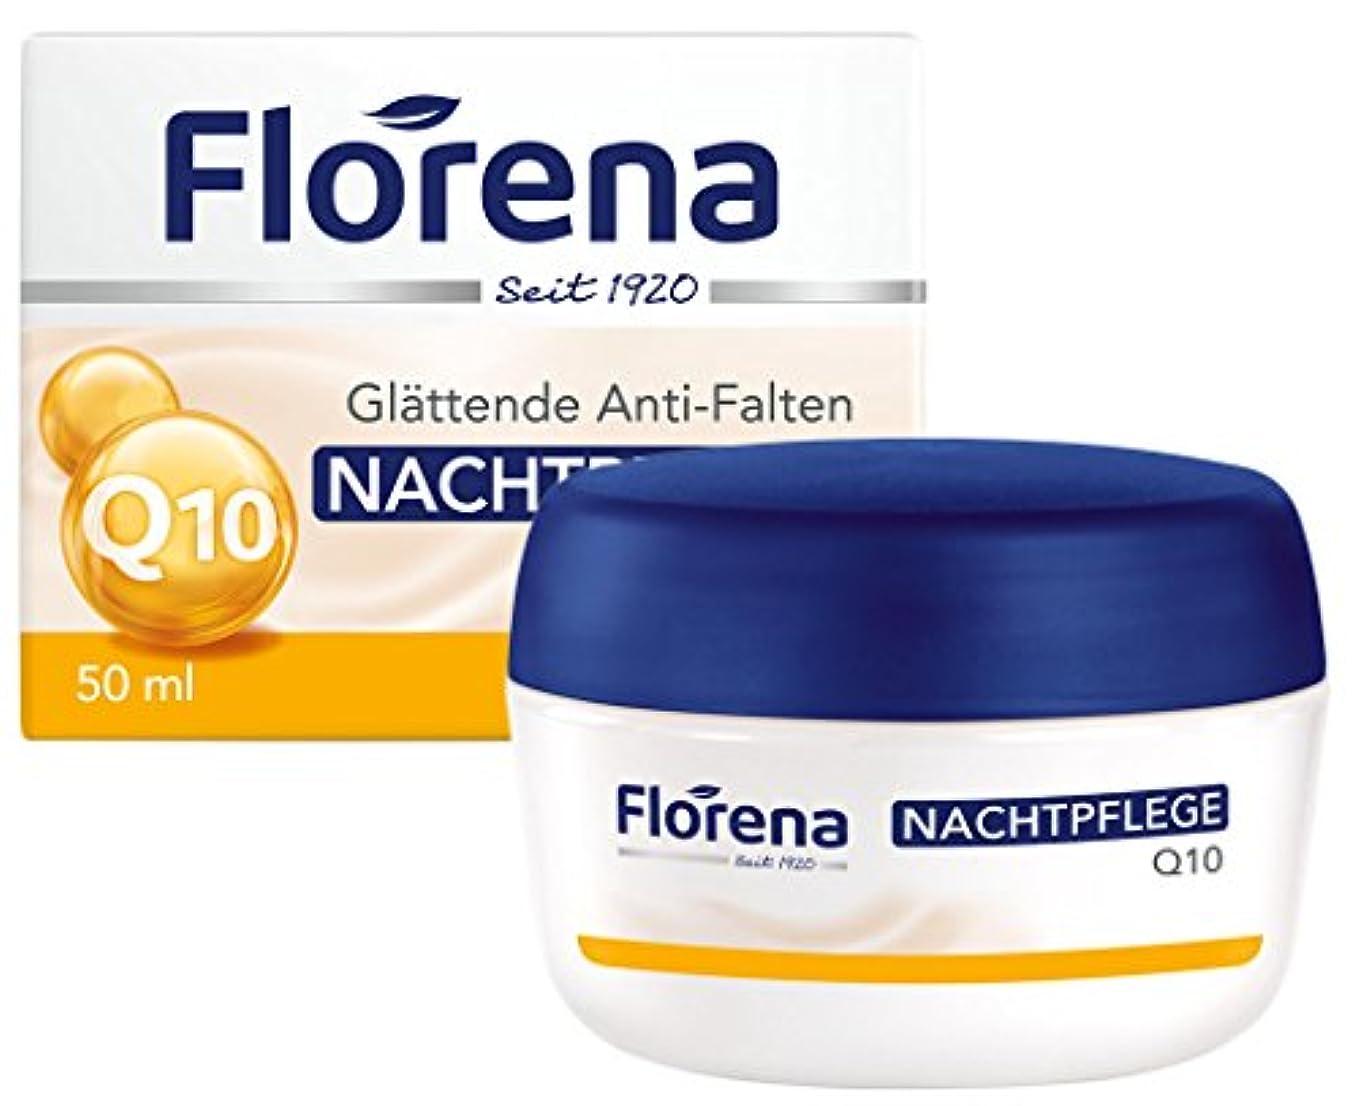 テープ胆嚢対象Florena(フロレナ) フェイス ナイトクリーム コエンザイムQ10